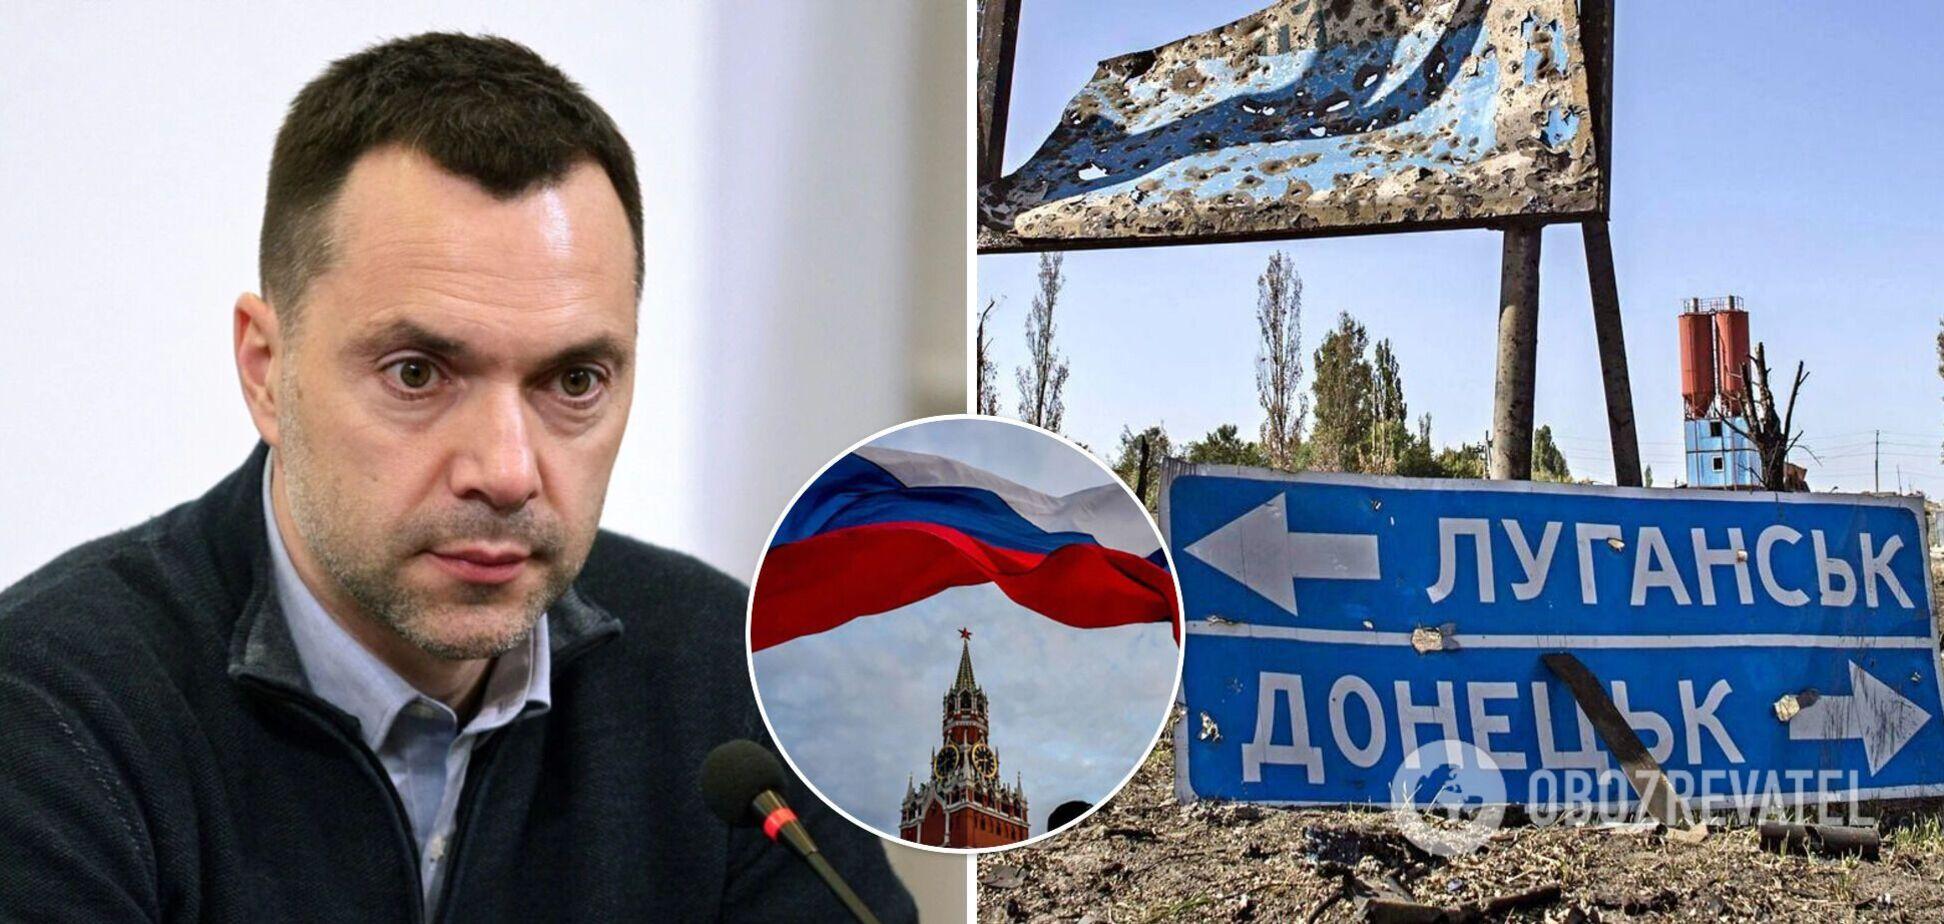 Росія відверто бреше і маніпулює щодо мирного плану для Донбасу, – Арестович